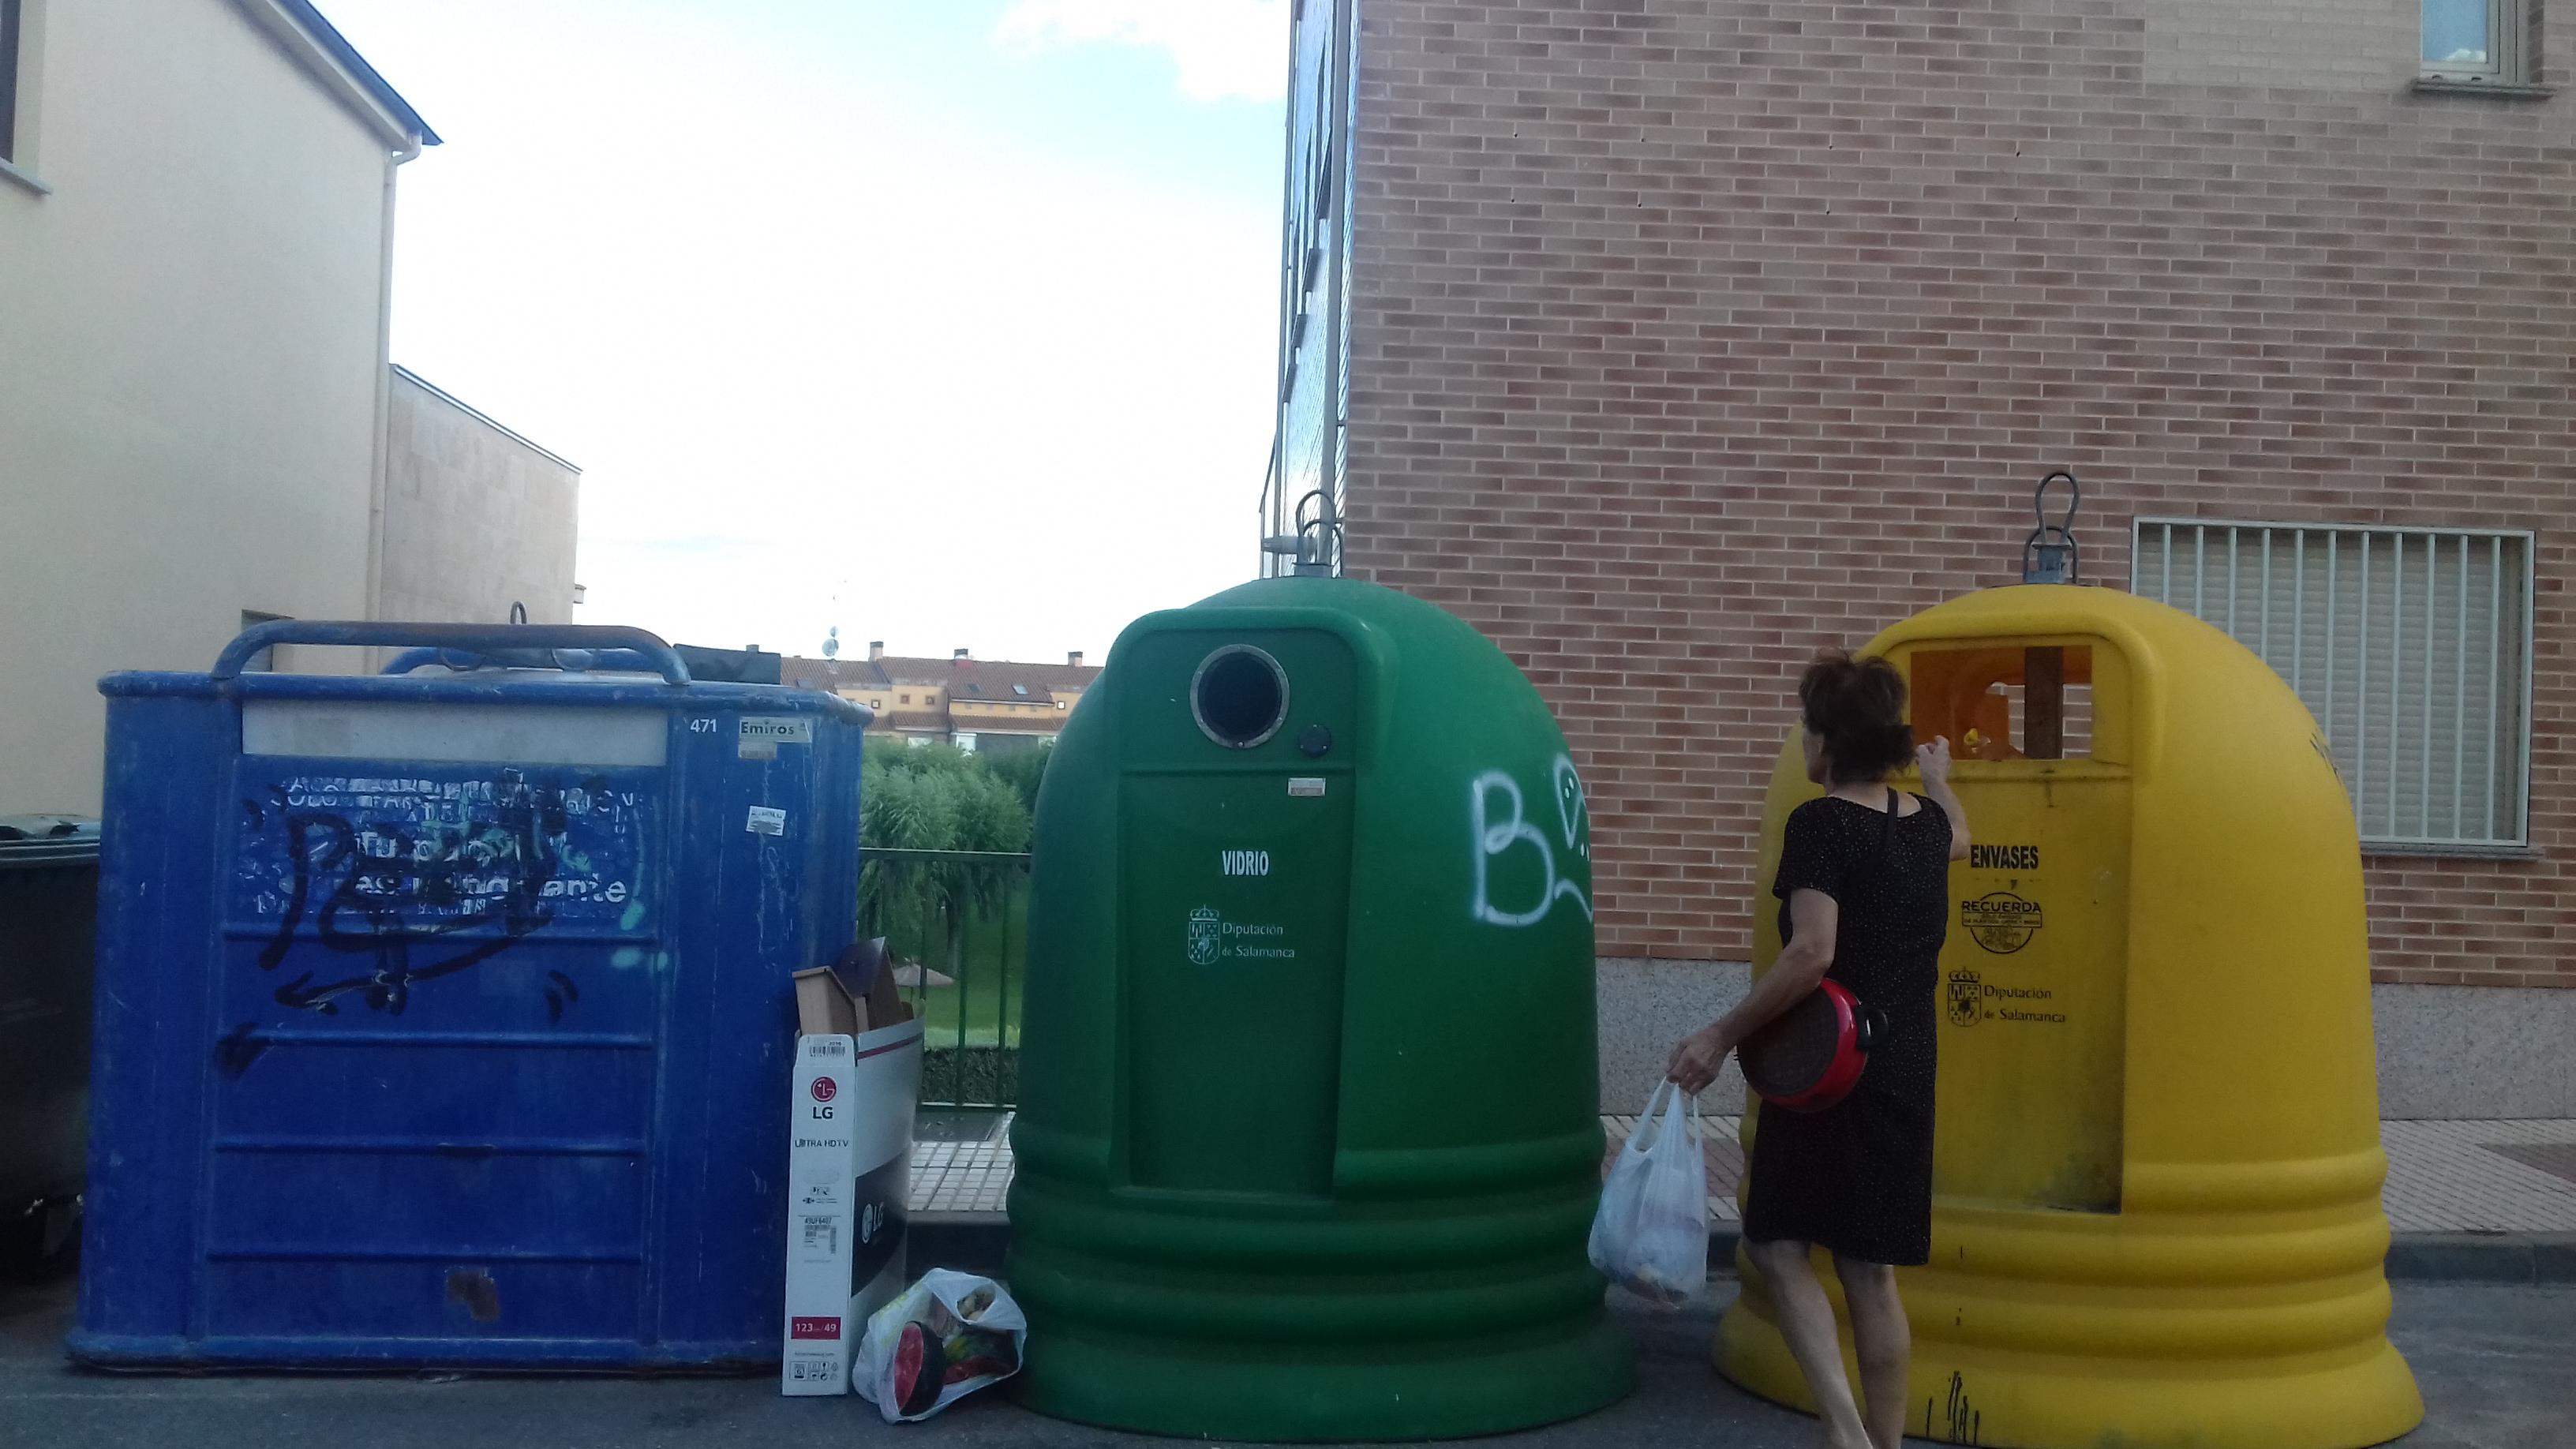 La Importancia de Reciclar. En Cibercallejeros